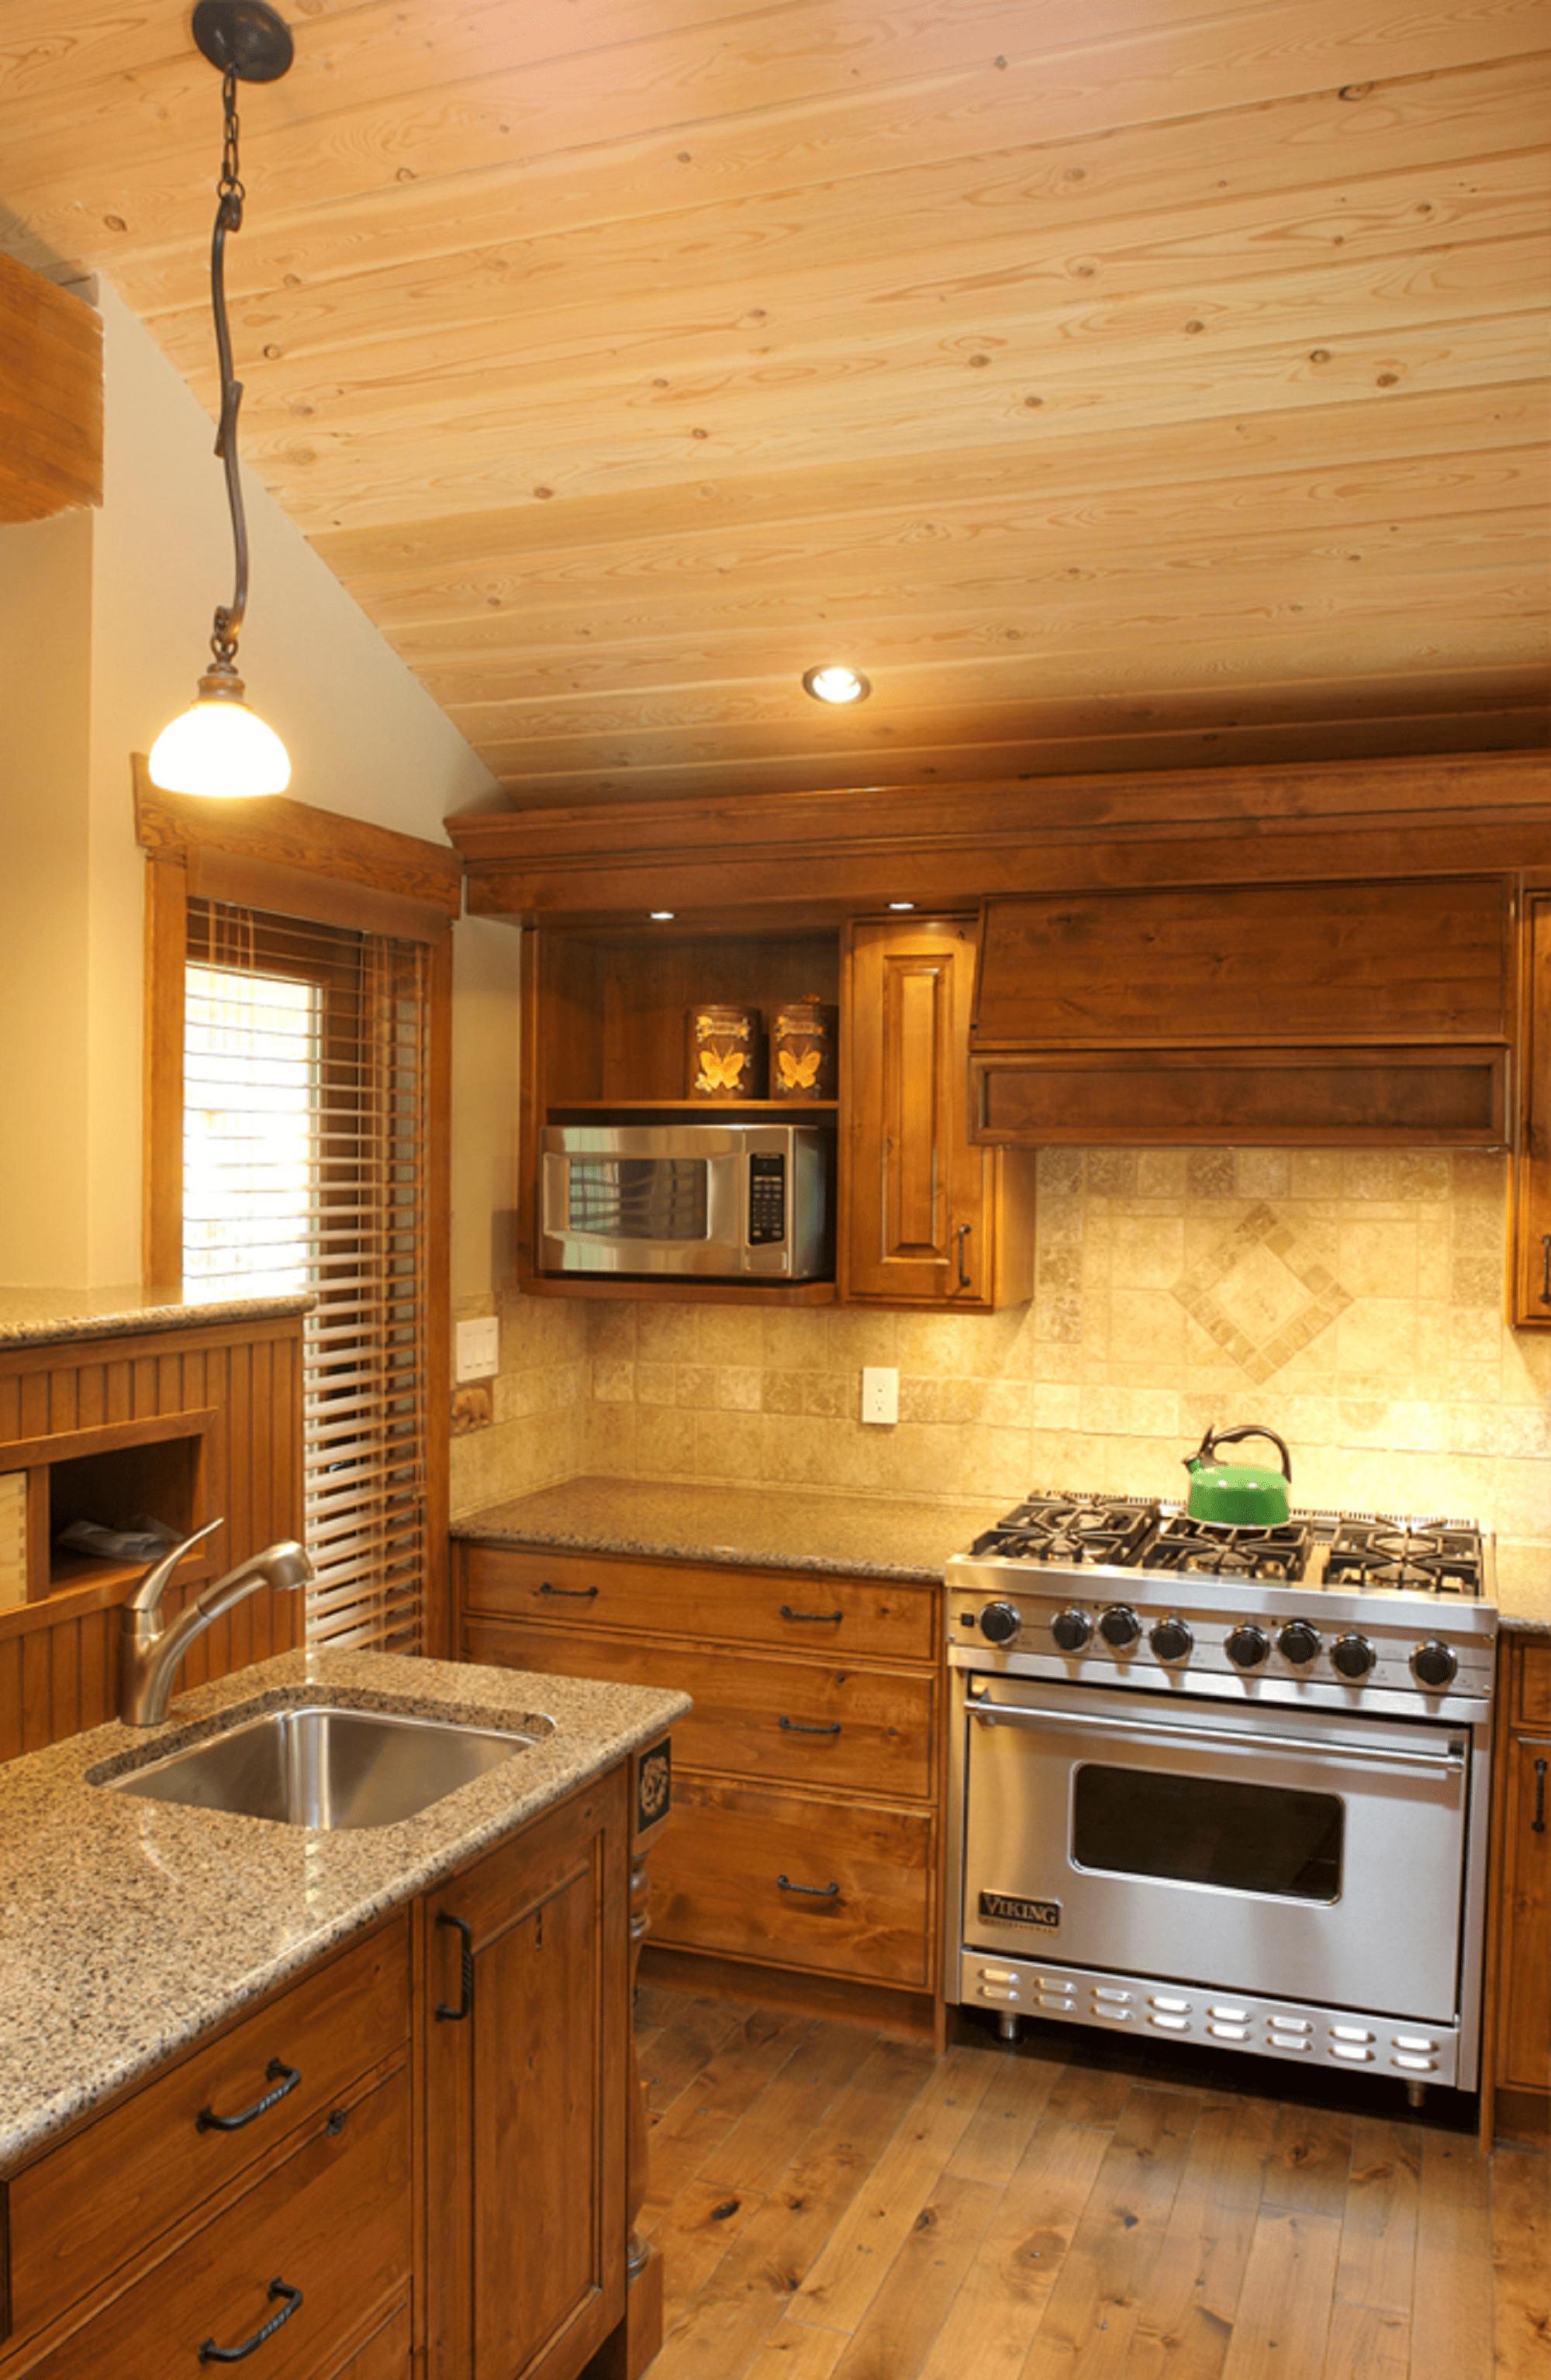 wsi-imageoptim-Modern-kitchen-cabin-Whistler.png